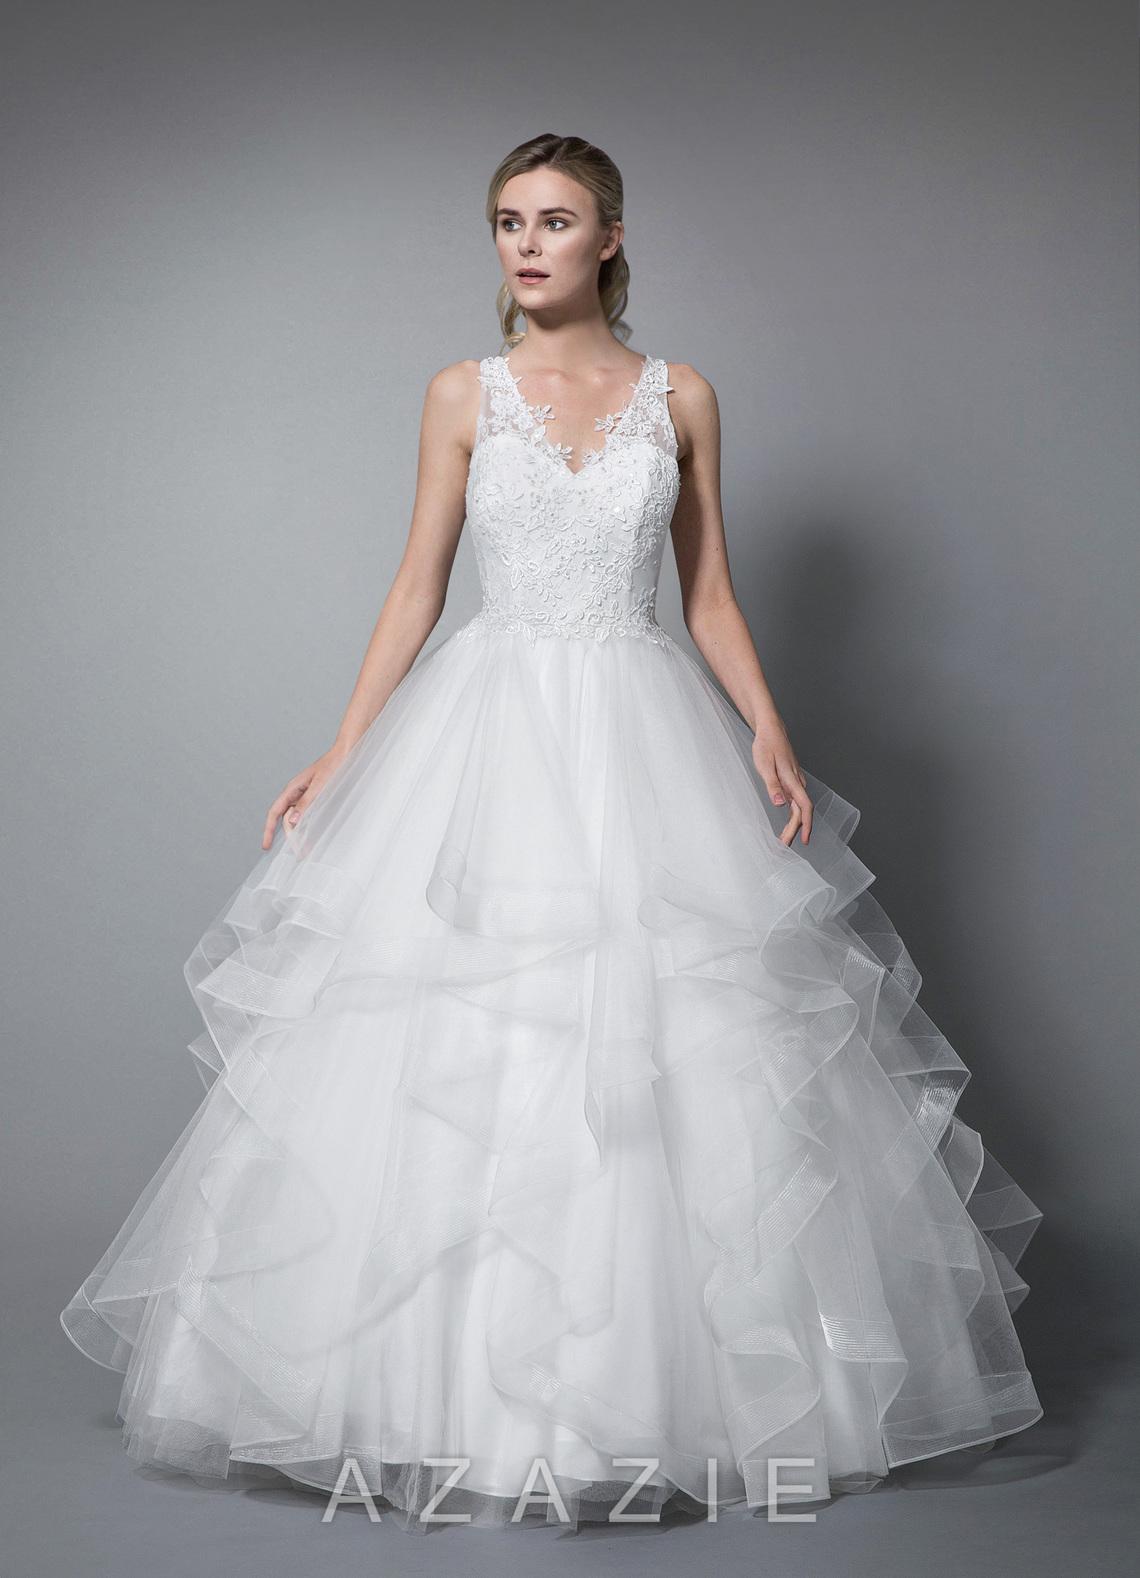 d32c9a15a94 Azazie Liv BG Wedding Dress